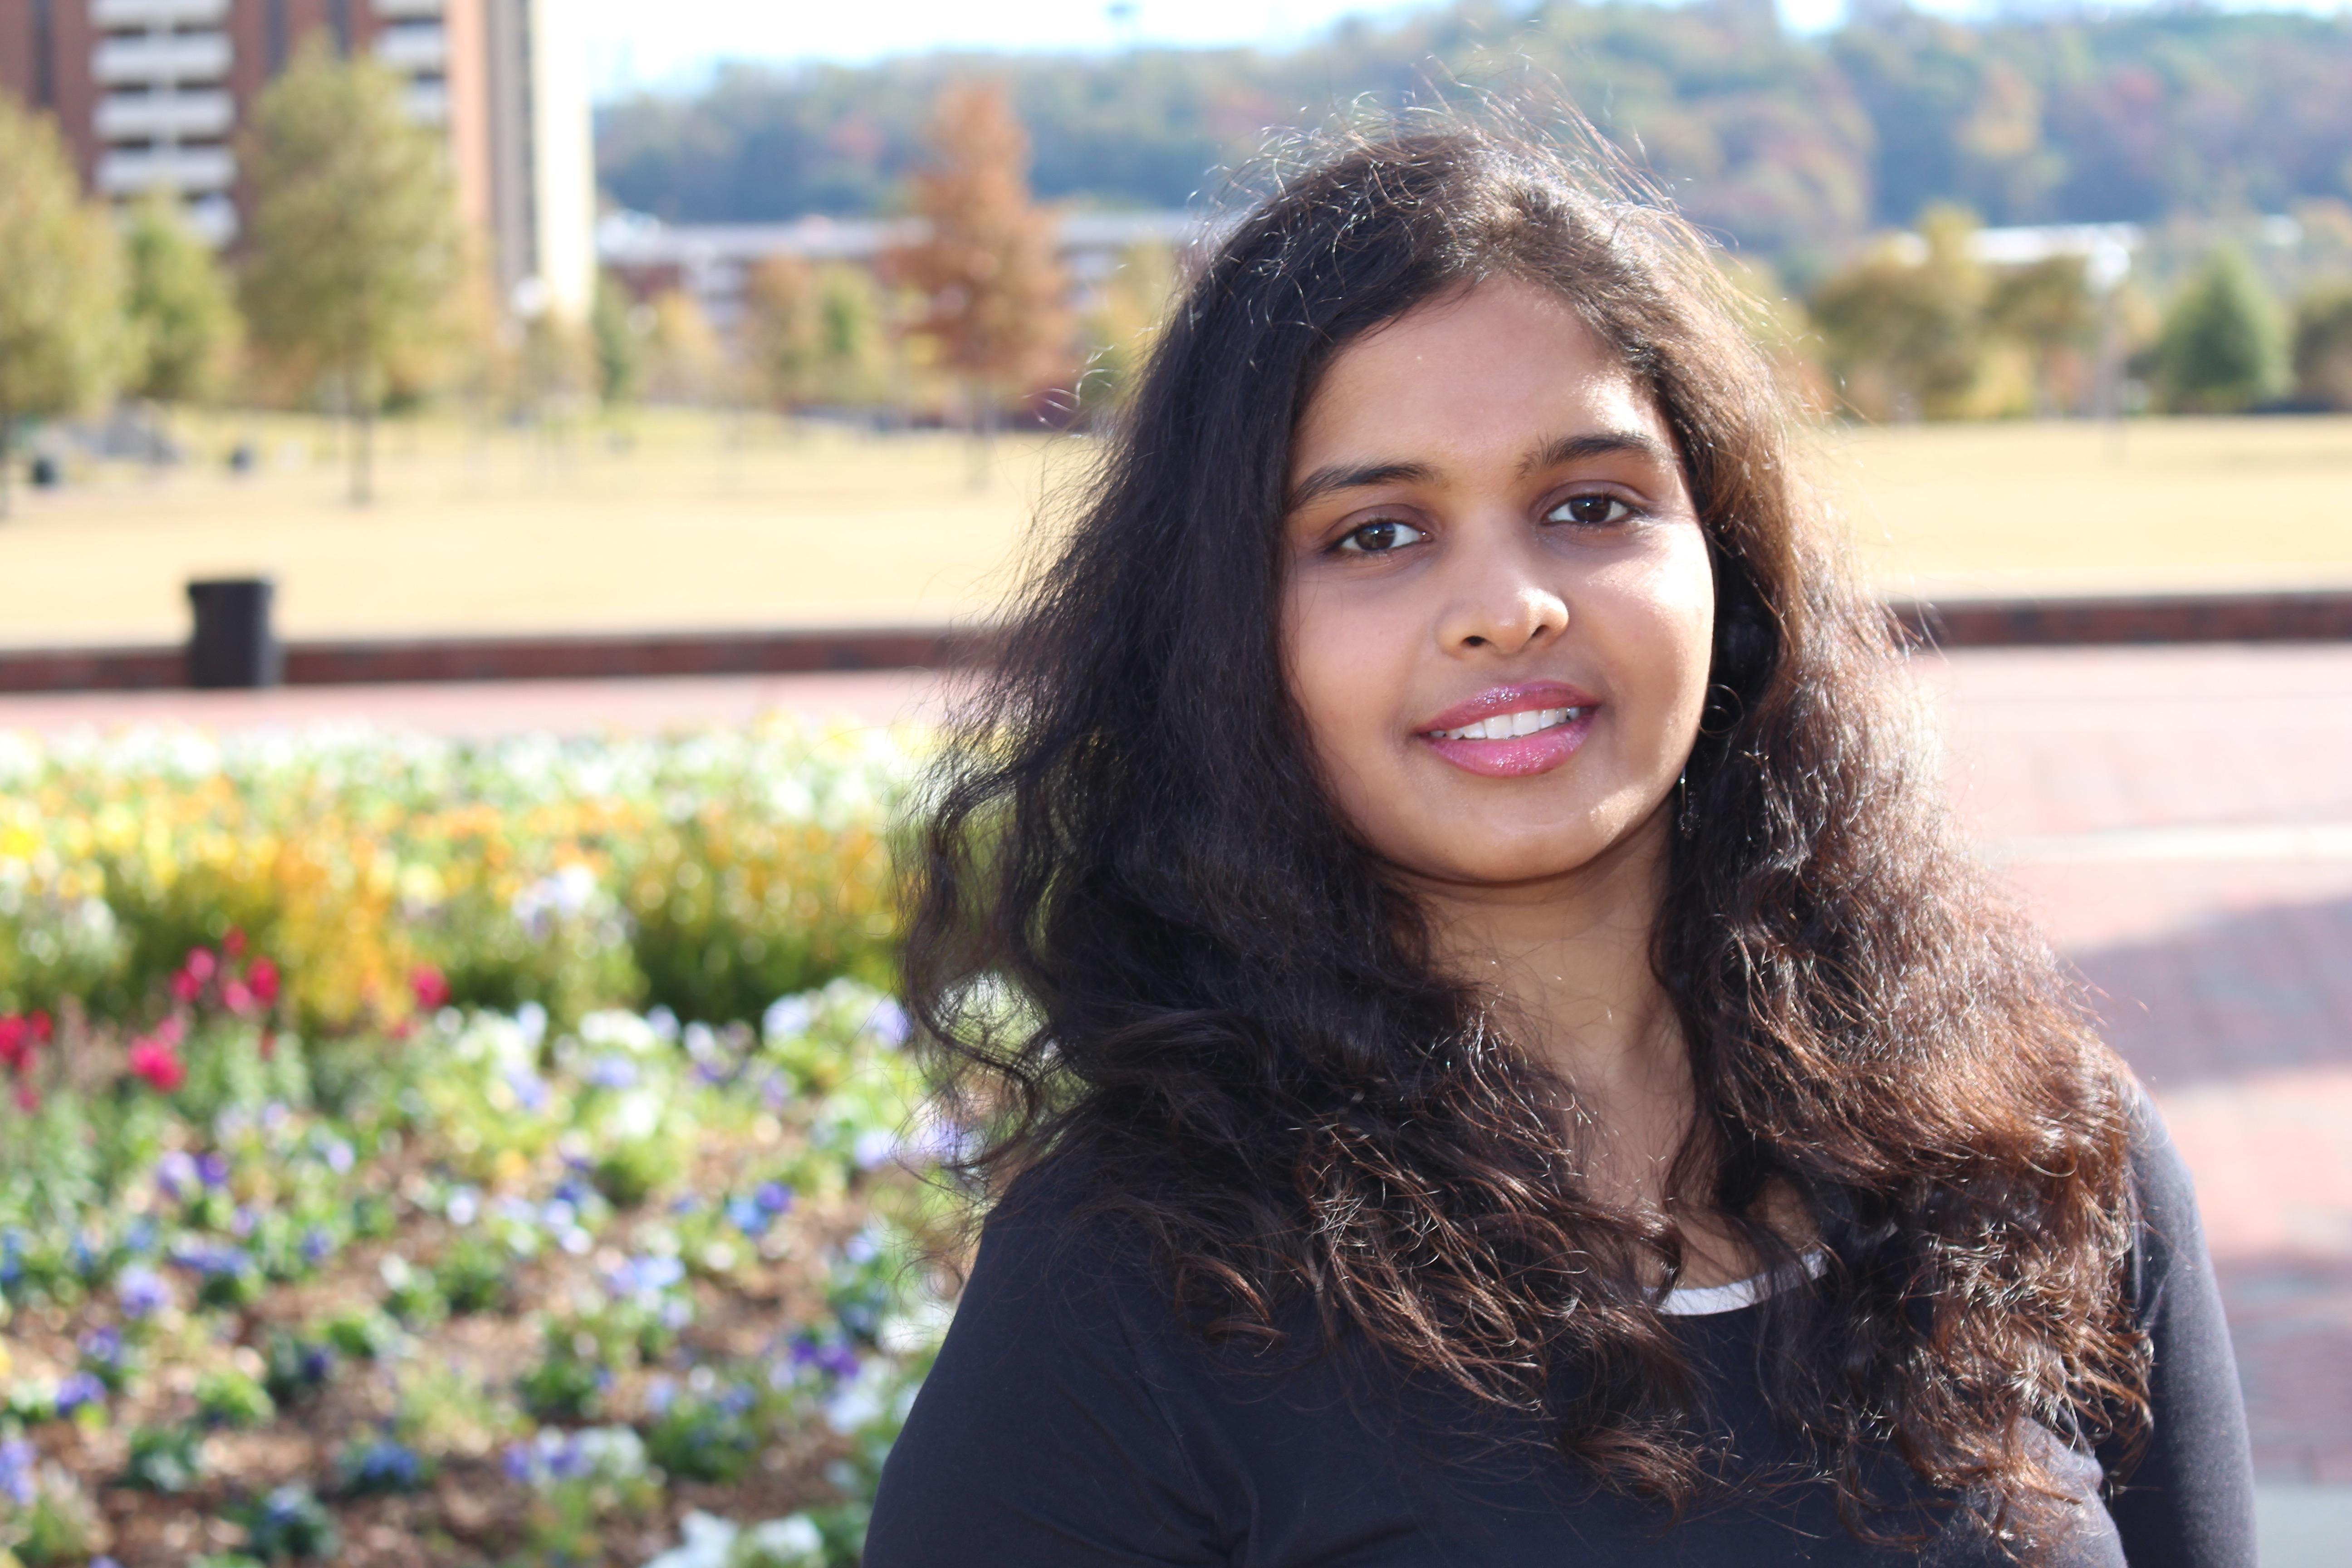 Veena from India